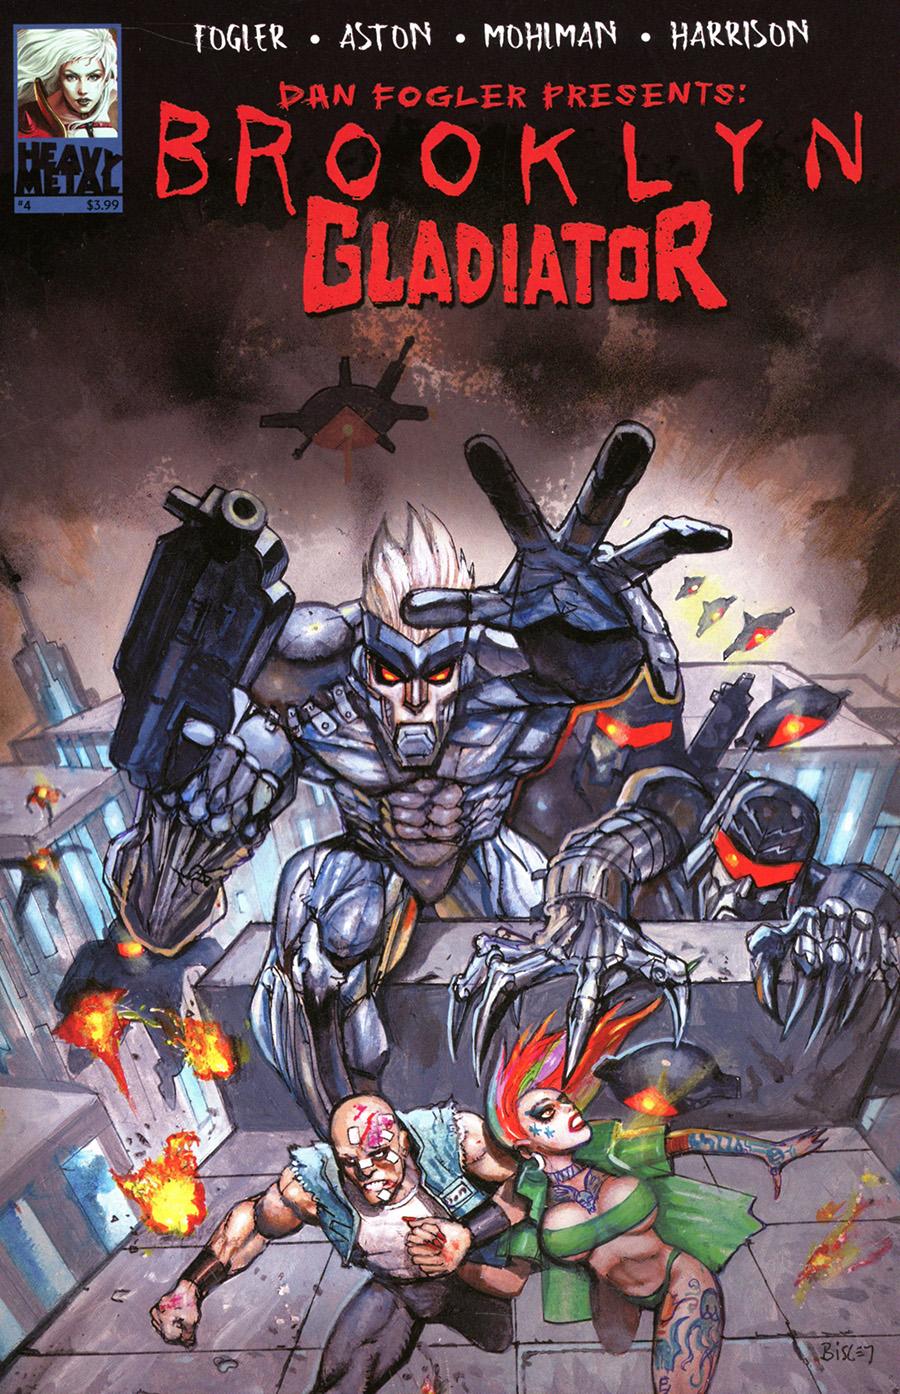 Brooklyn Gladiator #4